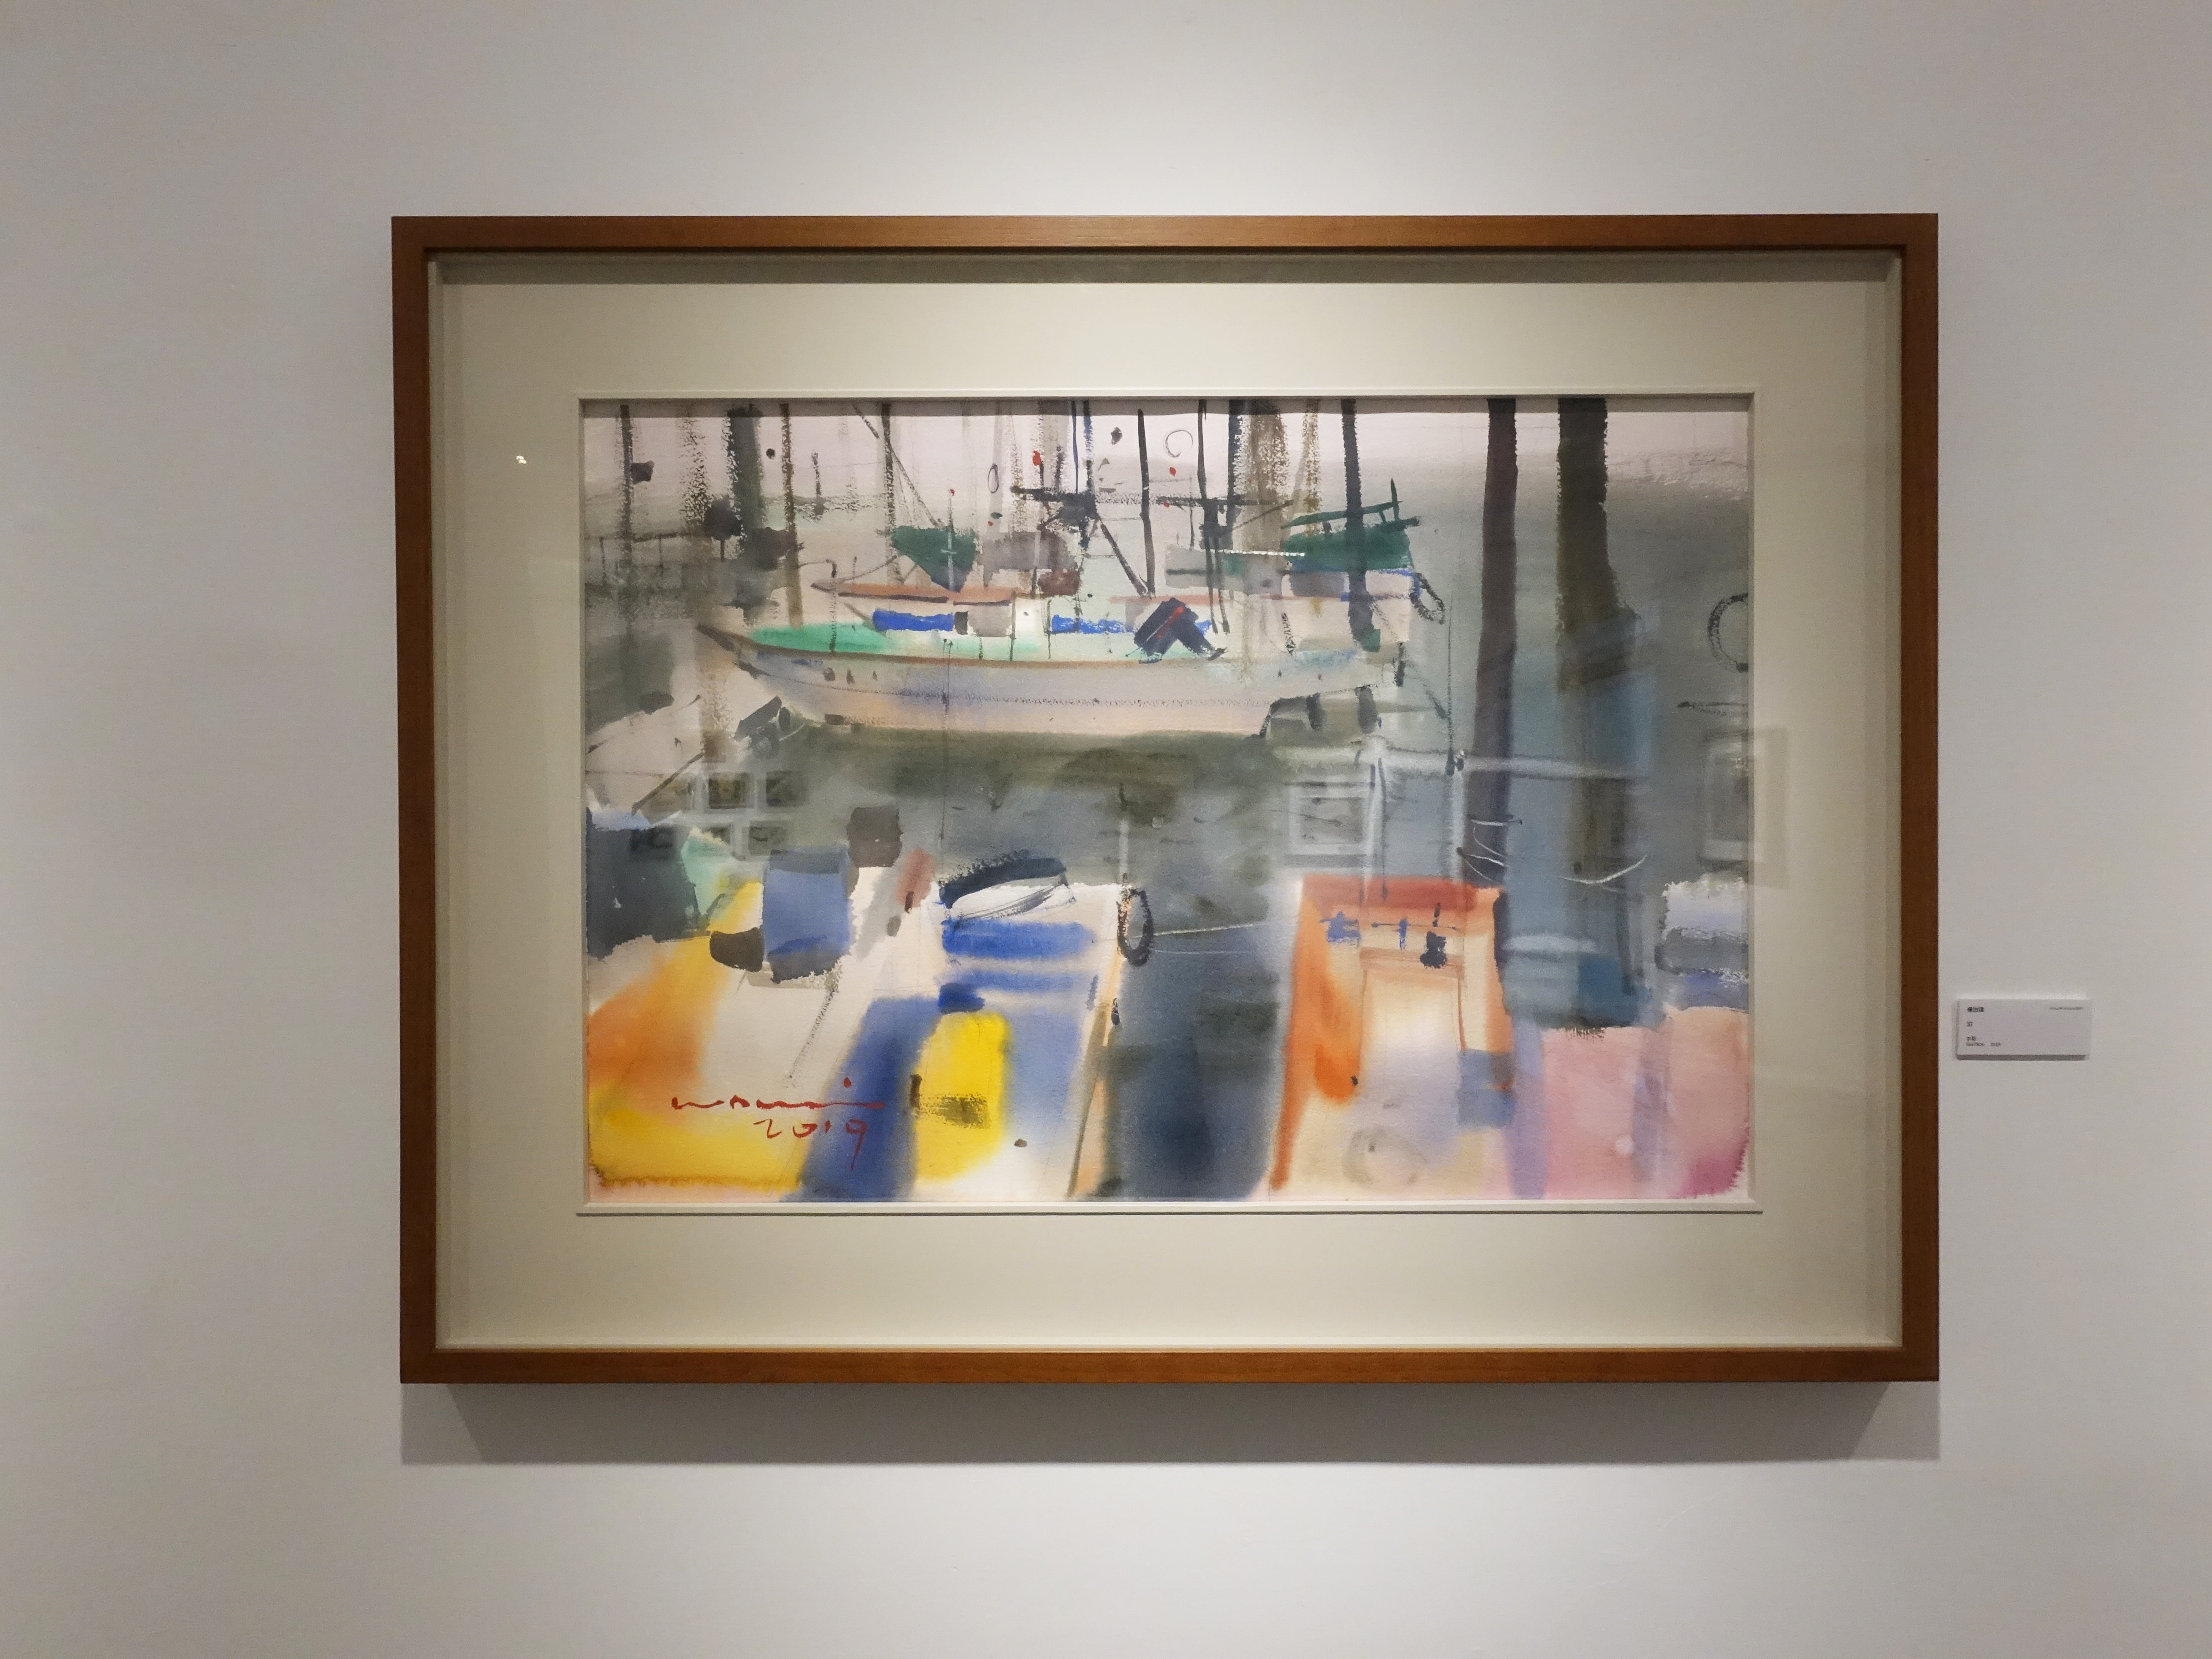 楊治瑋,《泊》,56 x 78 cm,水彩,2018。